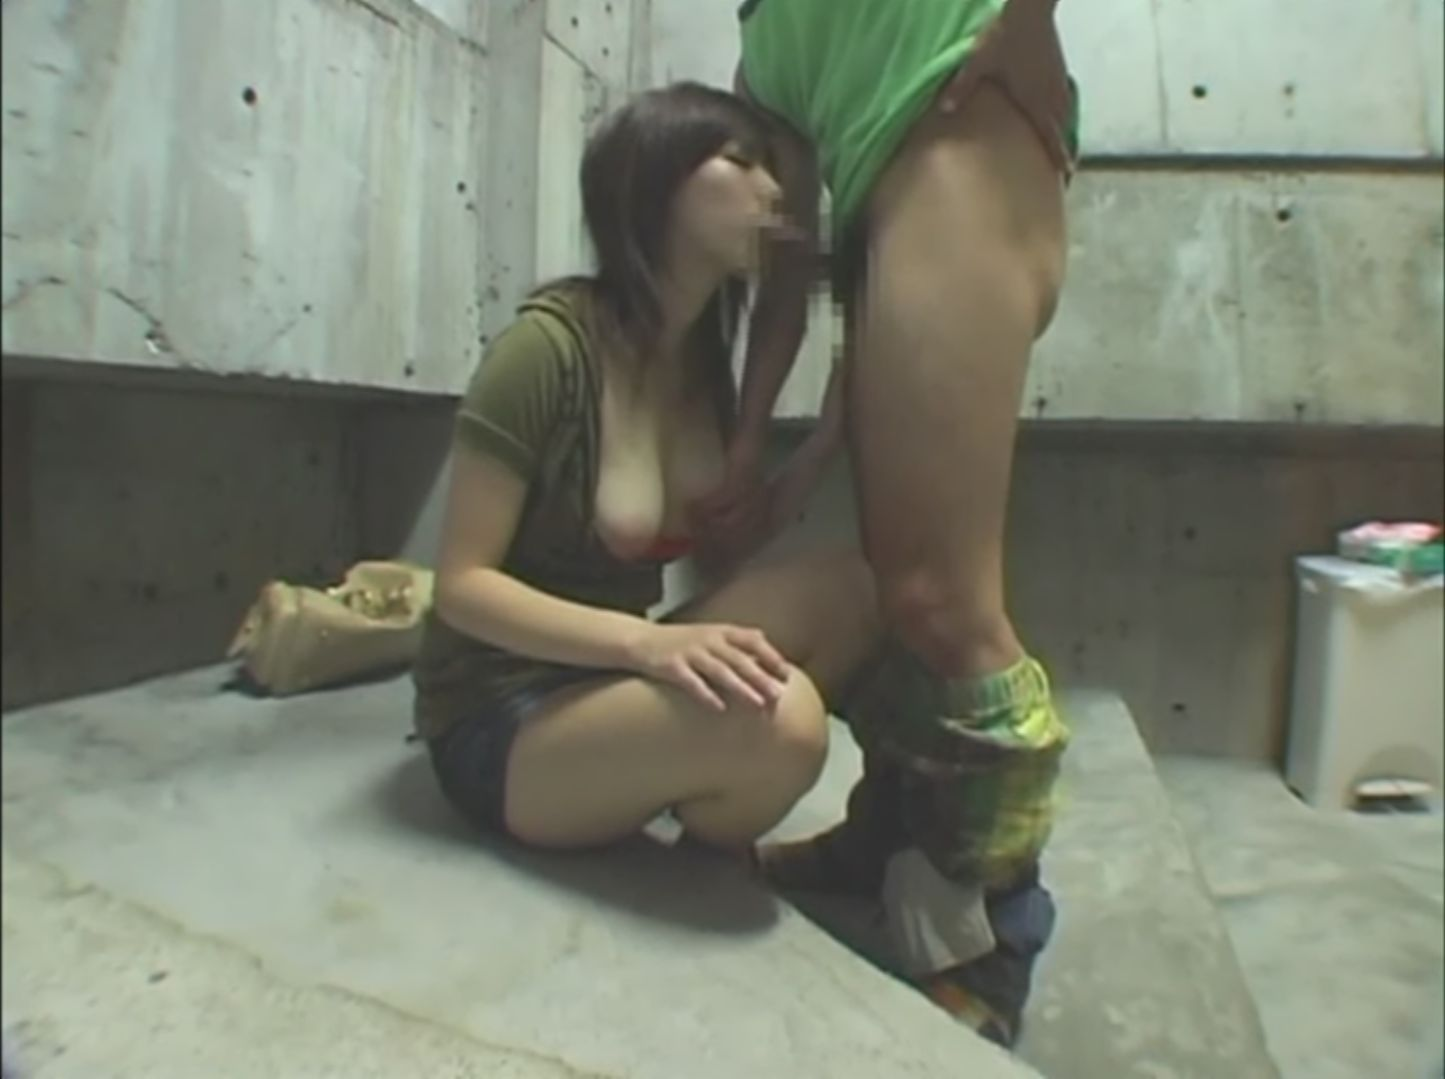 Hカップご奉仕大好き女子大生があなたのザーメン搾りとっ